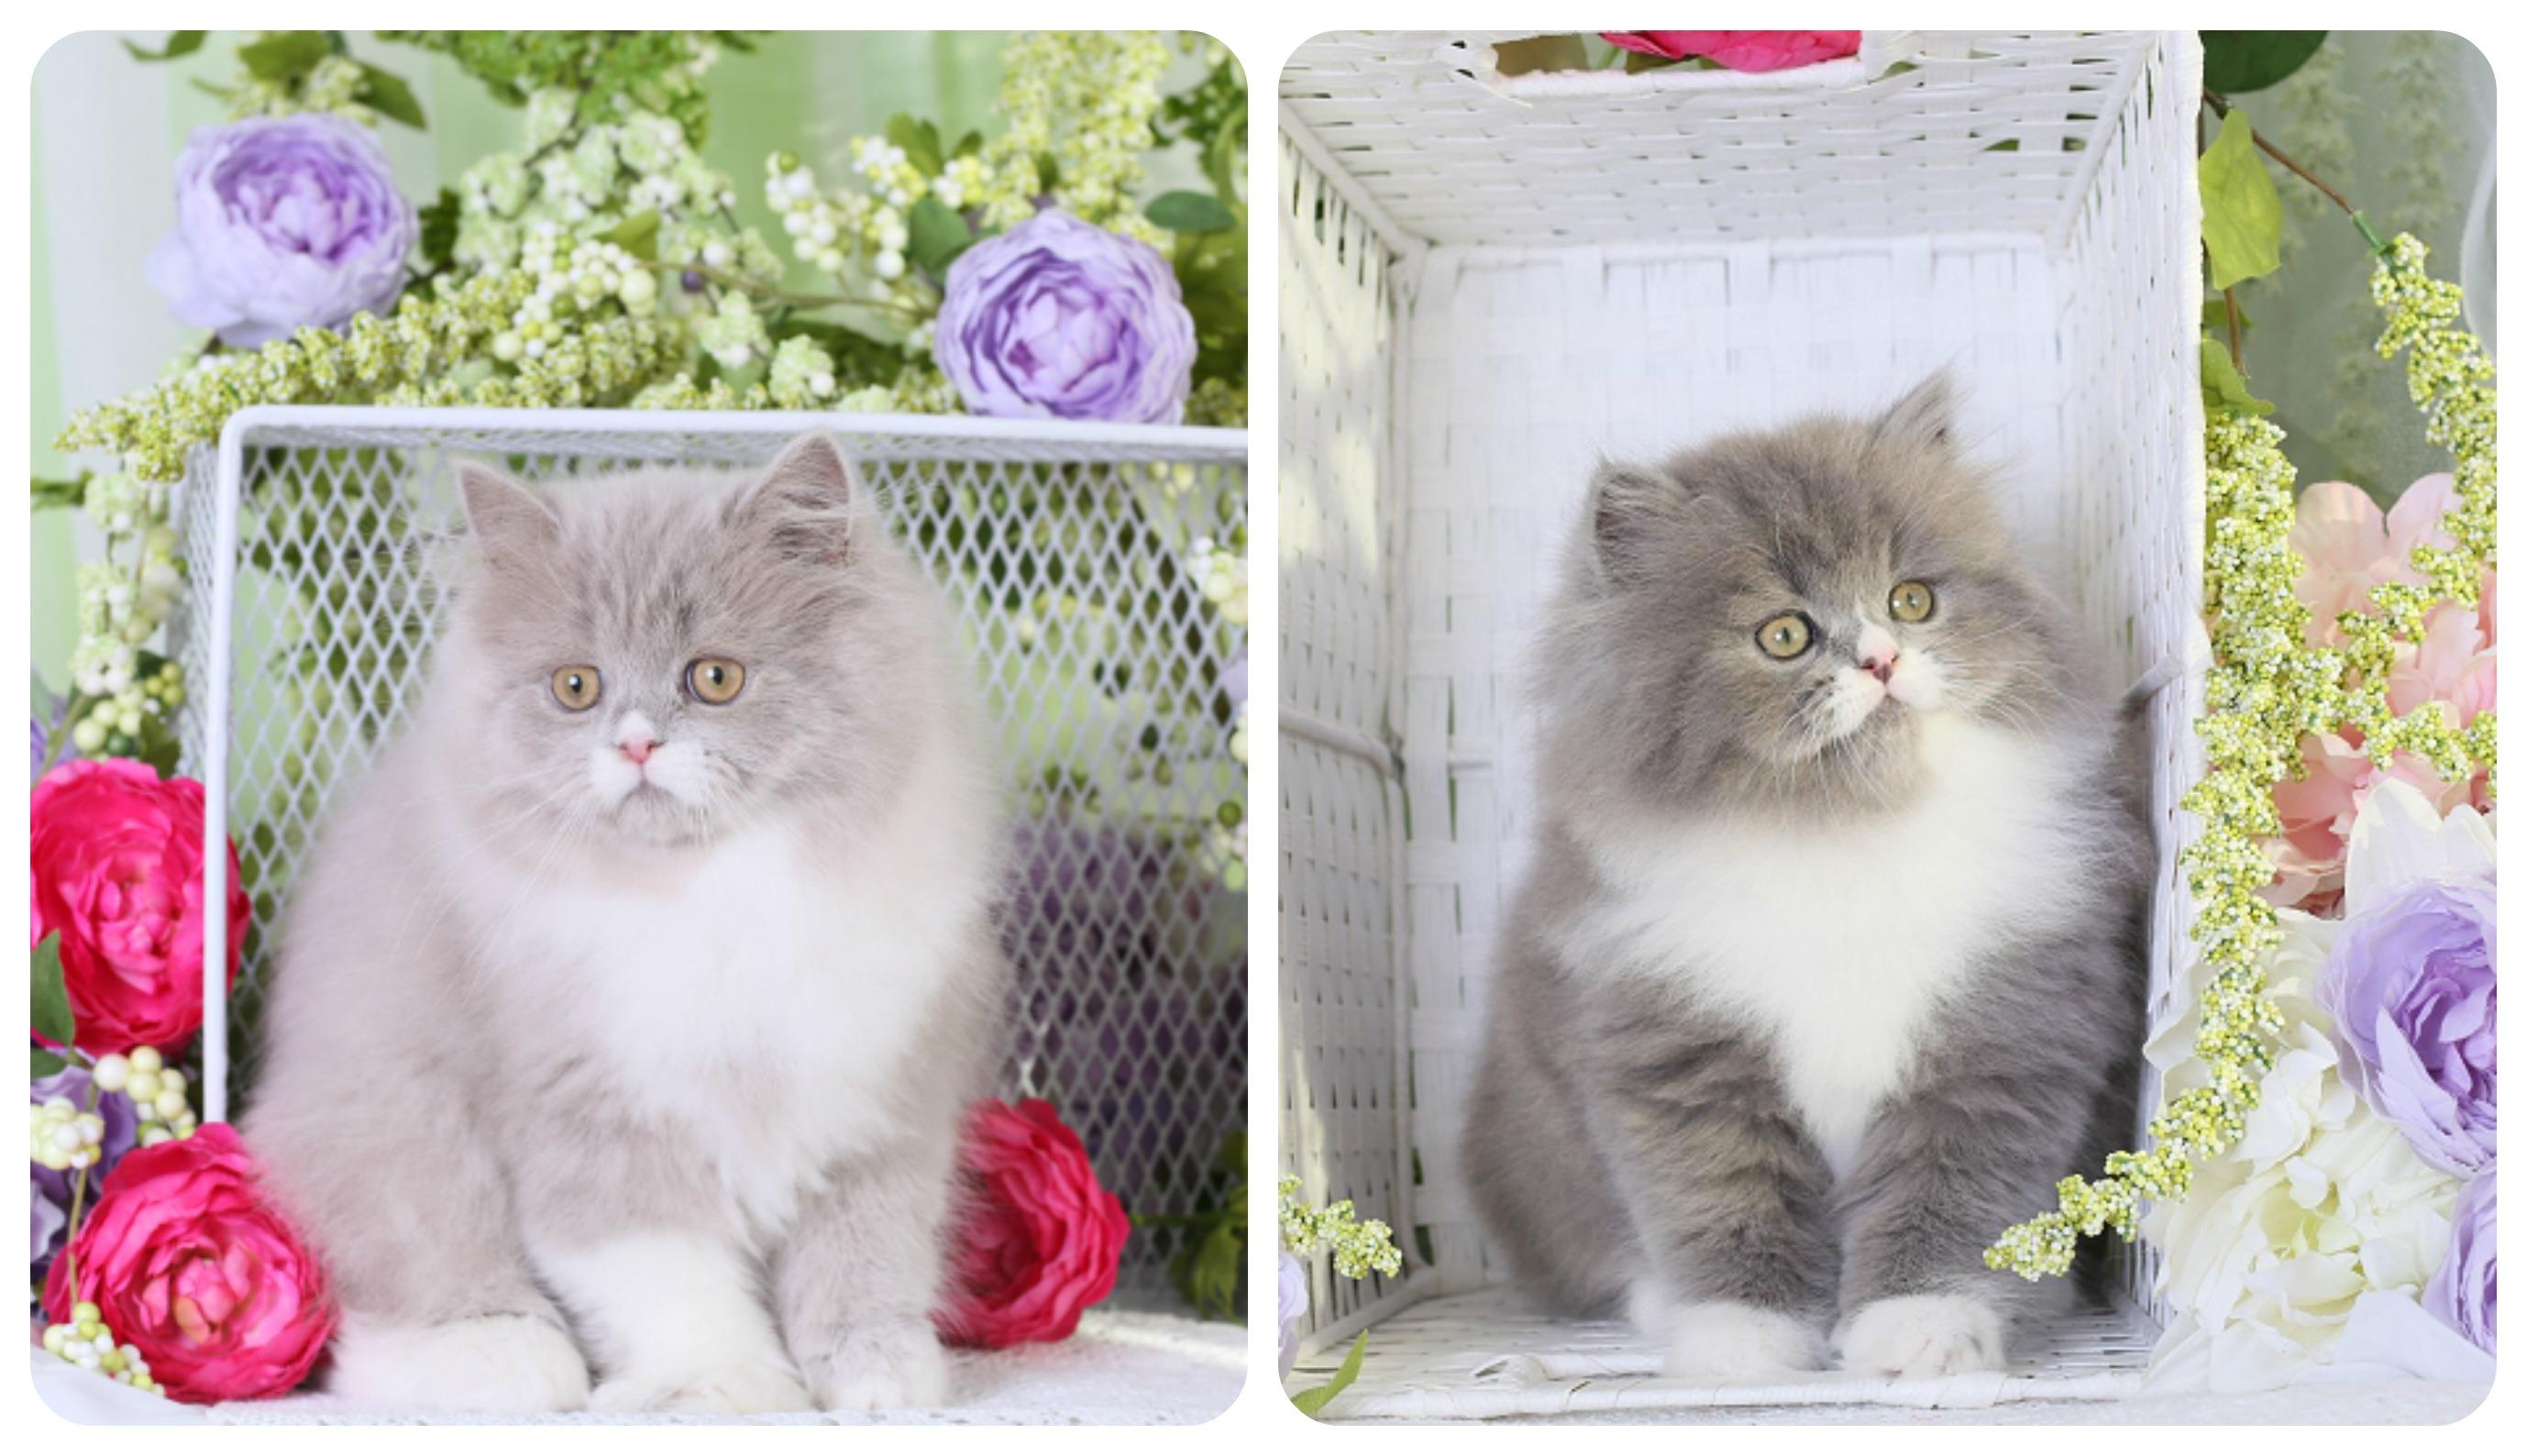 lilac & White vs blue & White